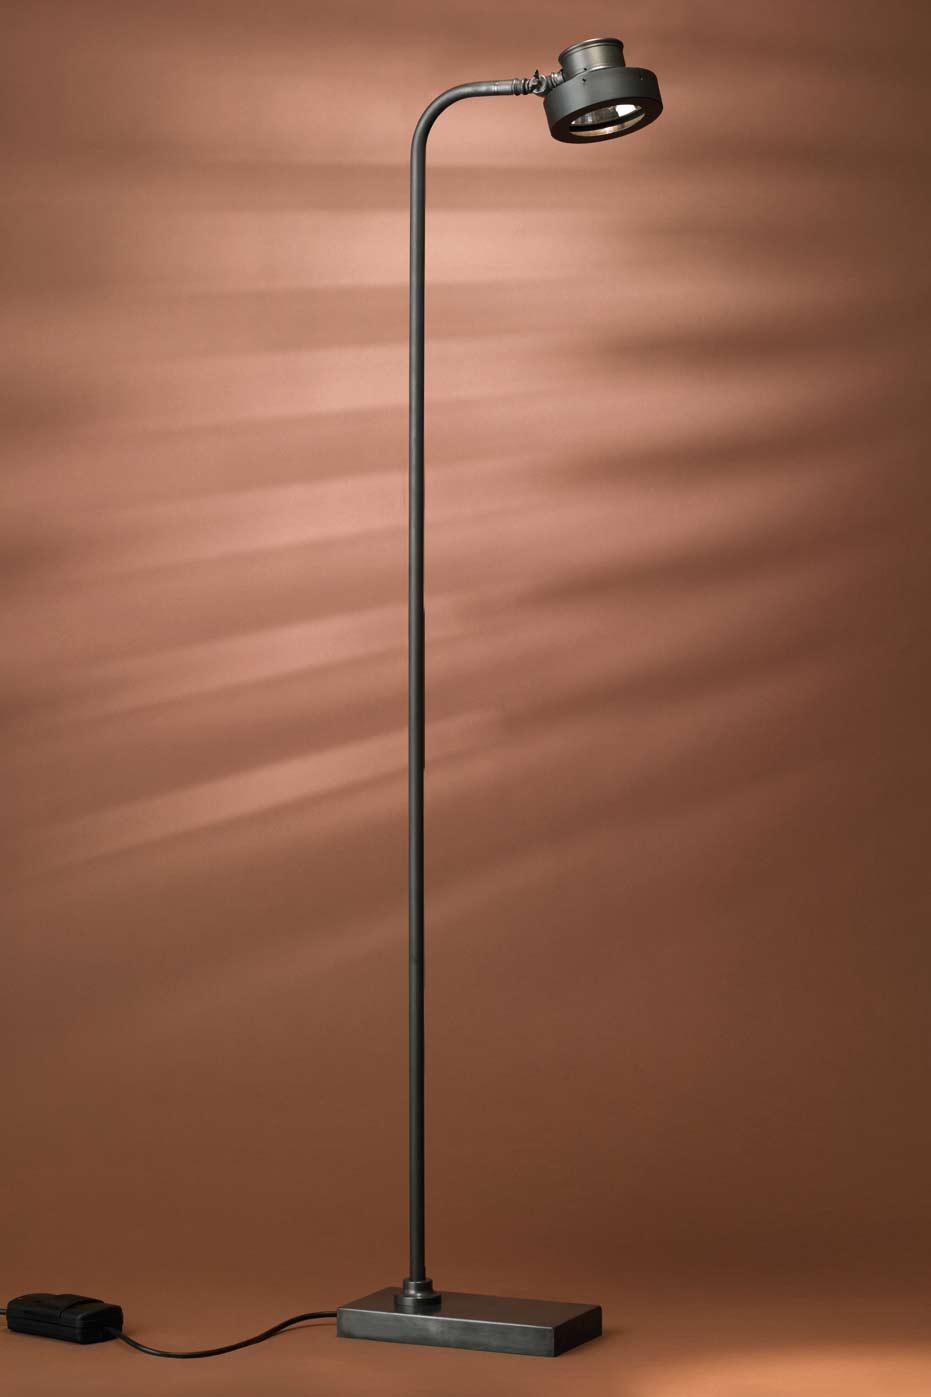 Lilley Max Floor lampadaire bronze. Nautic by Tekna.